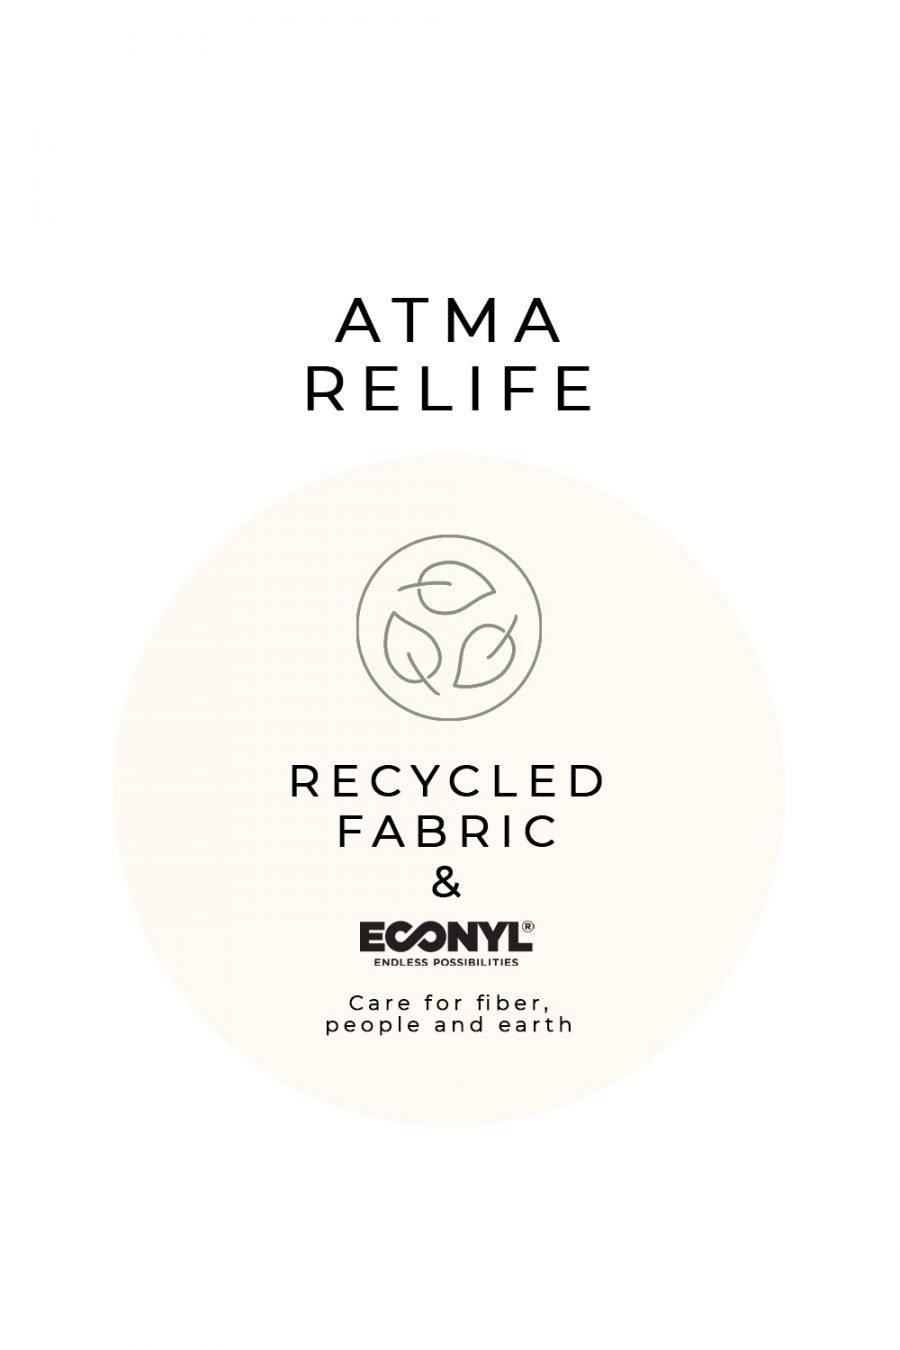 etichetta atma relife abbigliamento in fibra riciclata econyl